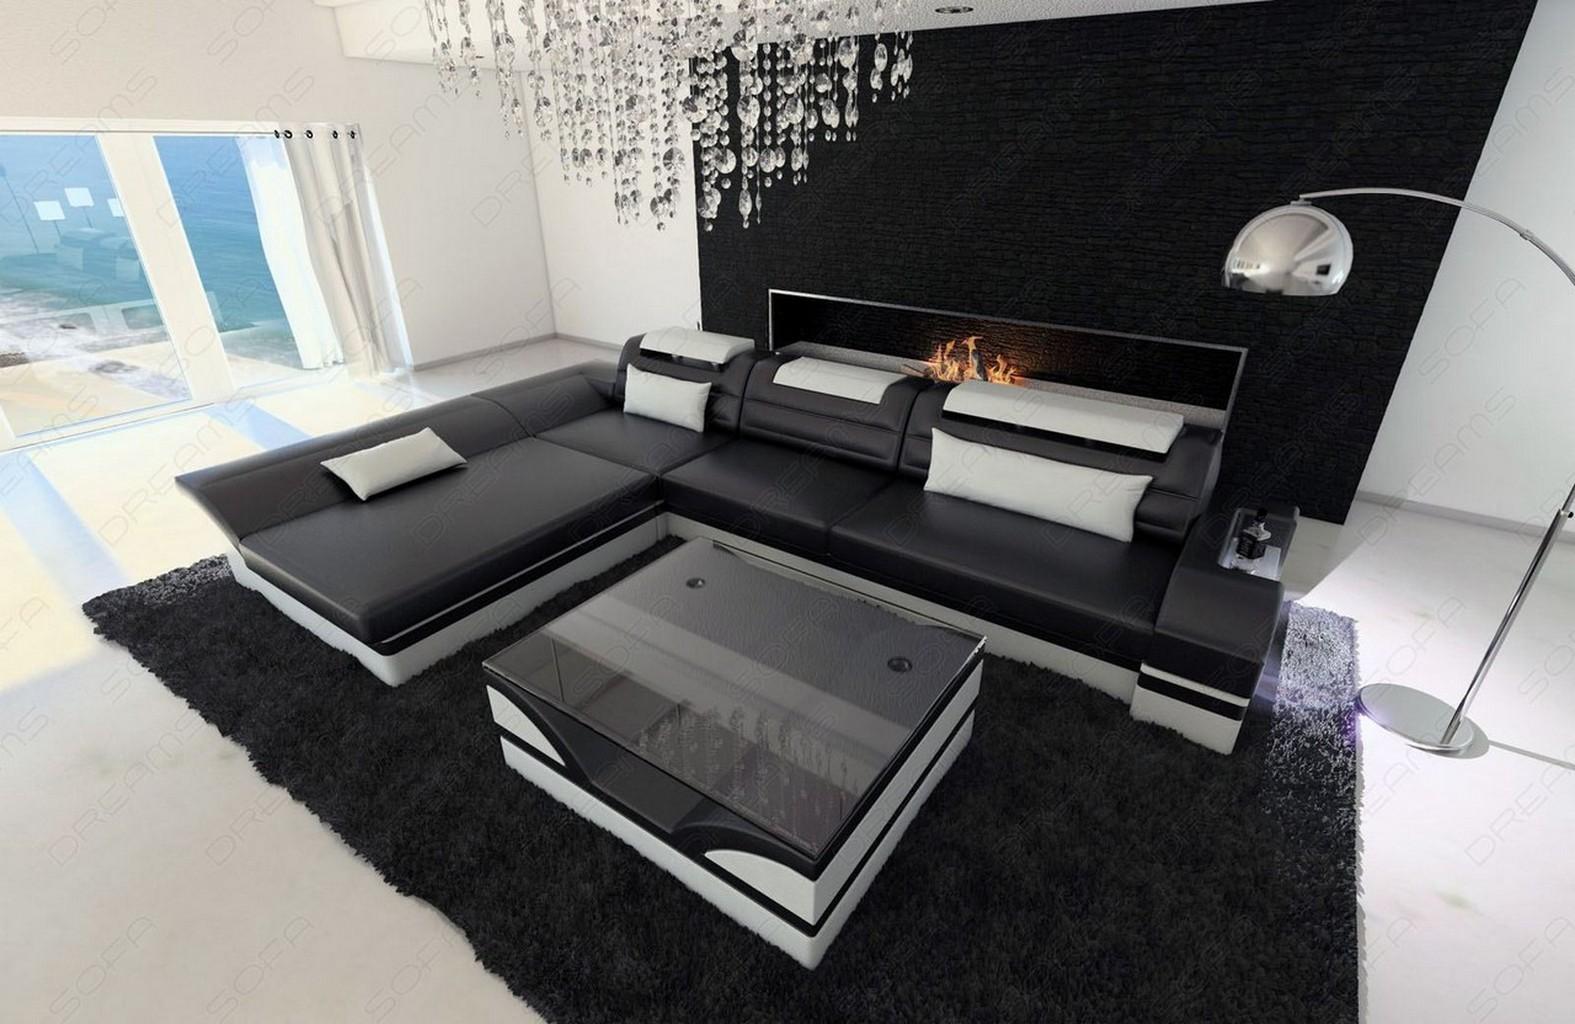 modern corner sofa monza led l shaped white grey ebay. Black Bedroom Furniture Sets. Home Design Ideas